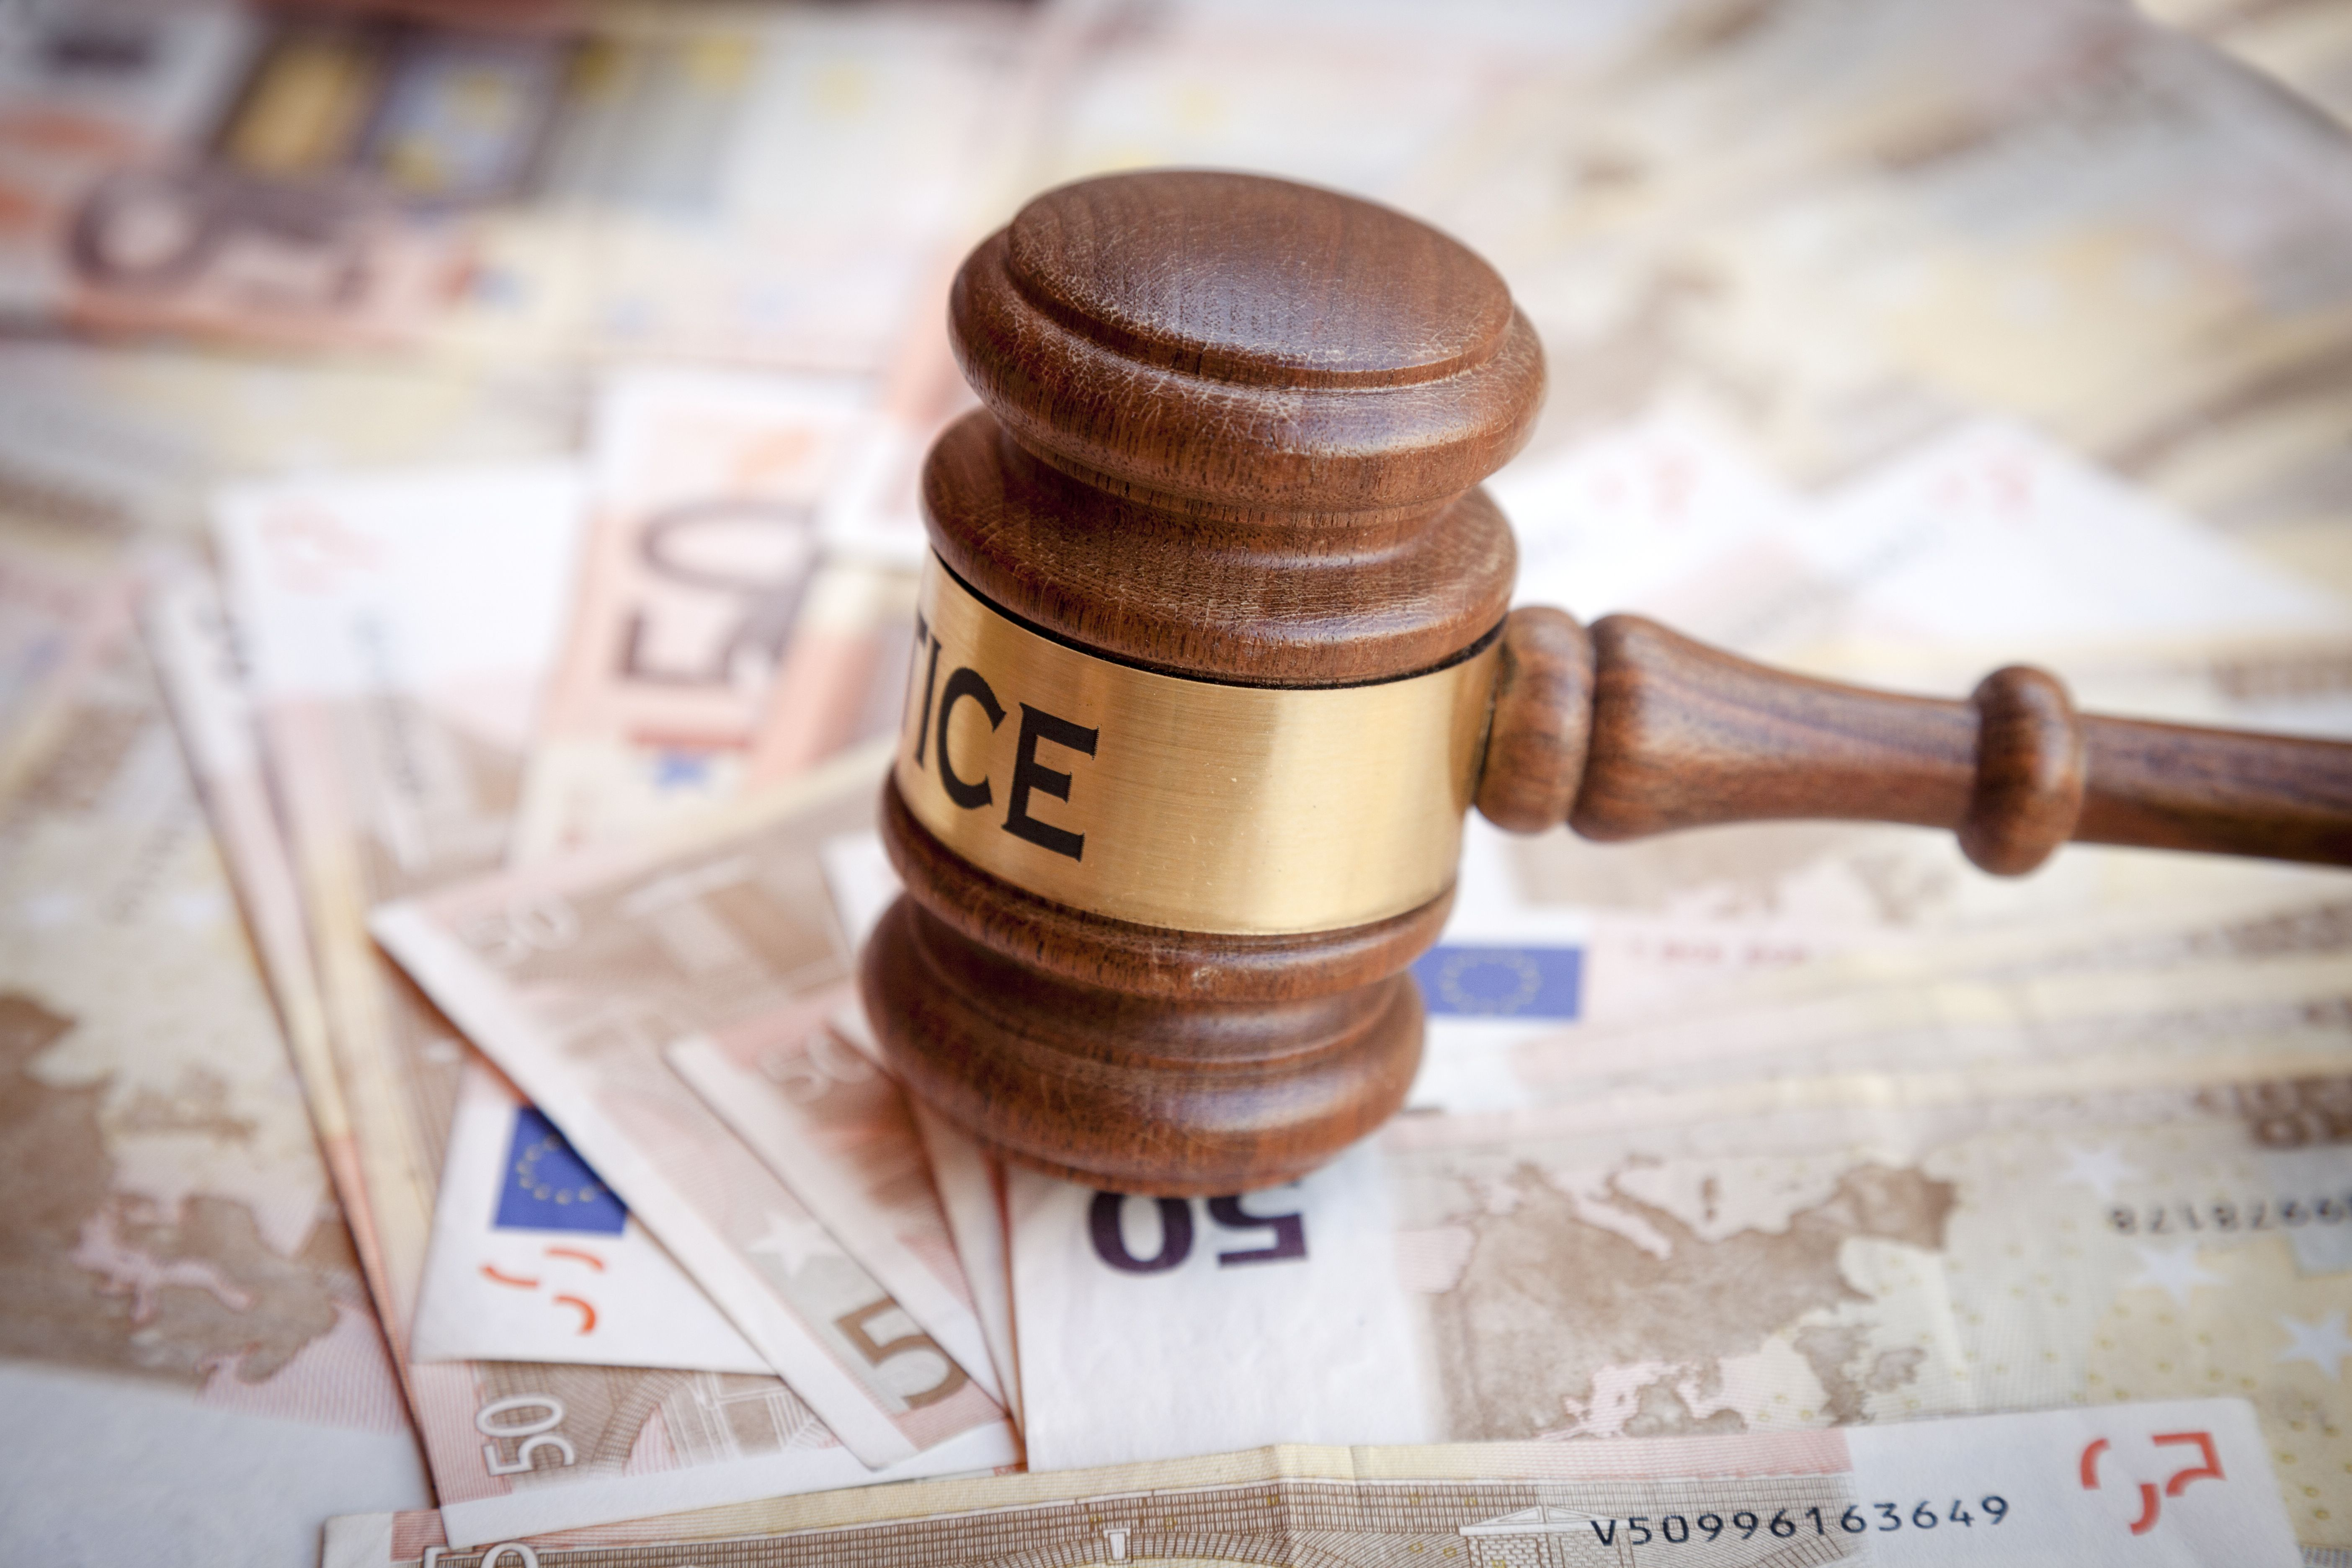 Asistencia legal en delitos económicos en Adeje